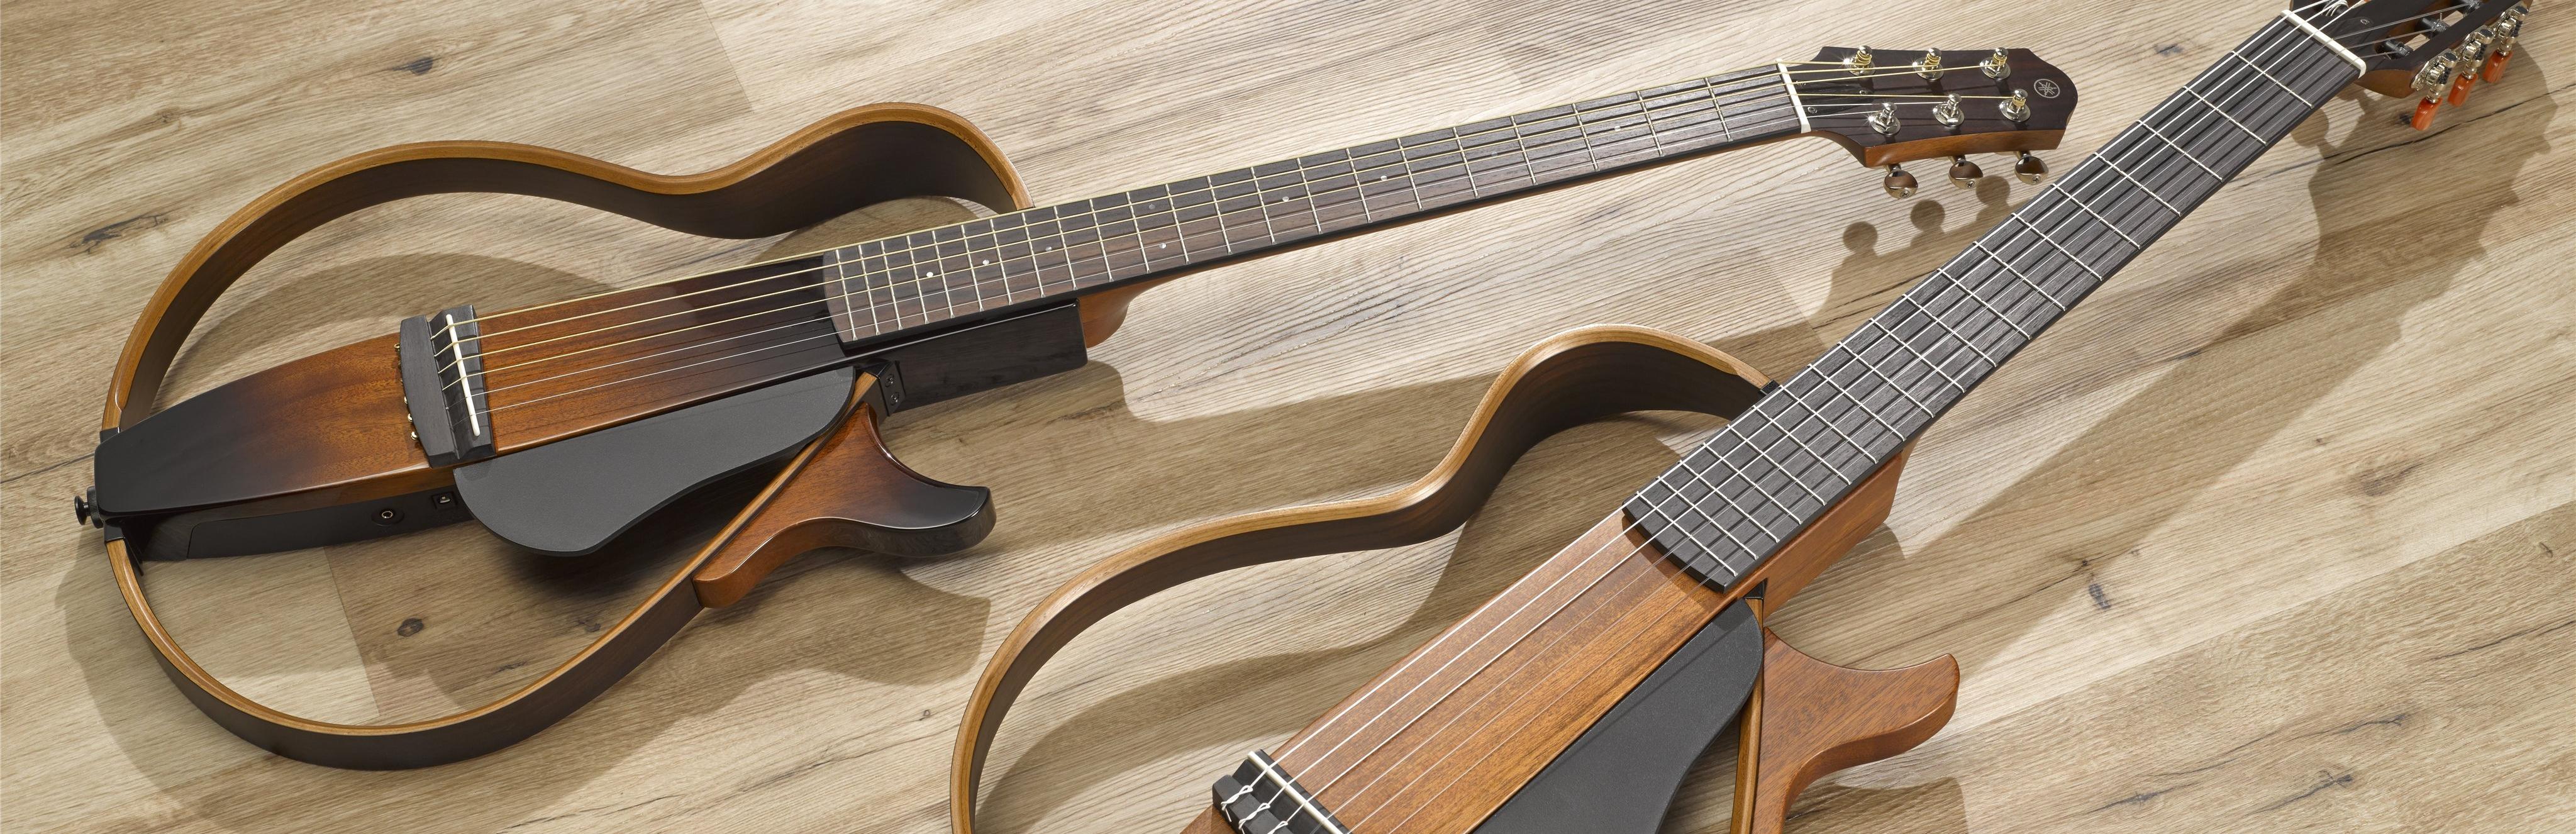 yamaha silent guitar slg 200 n translucent black nylon. Black Bedroom Furniture Sets. Home Design Ideas